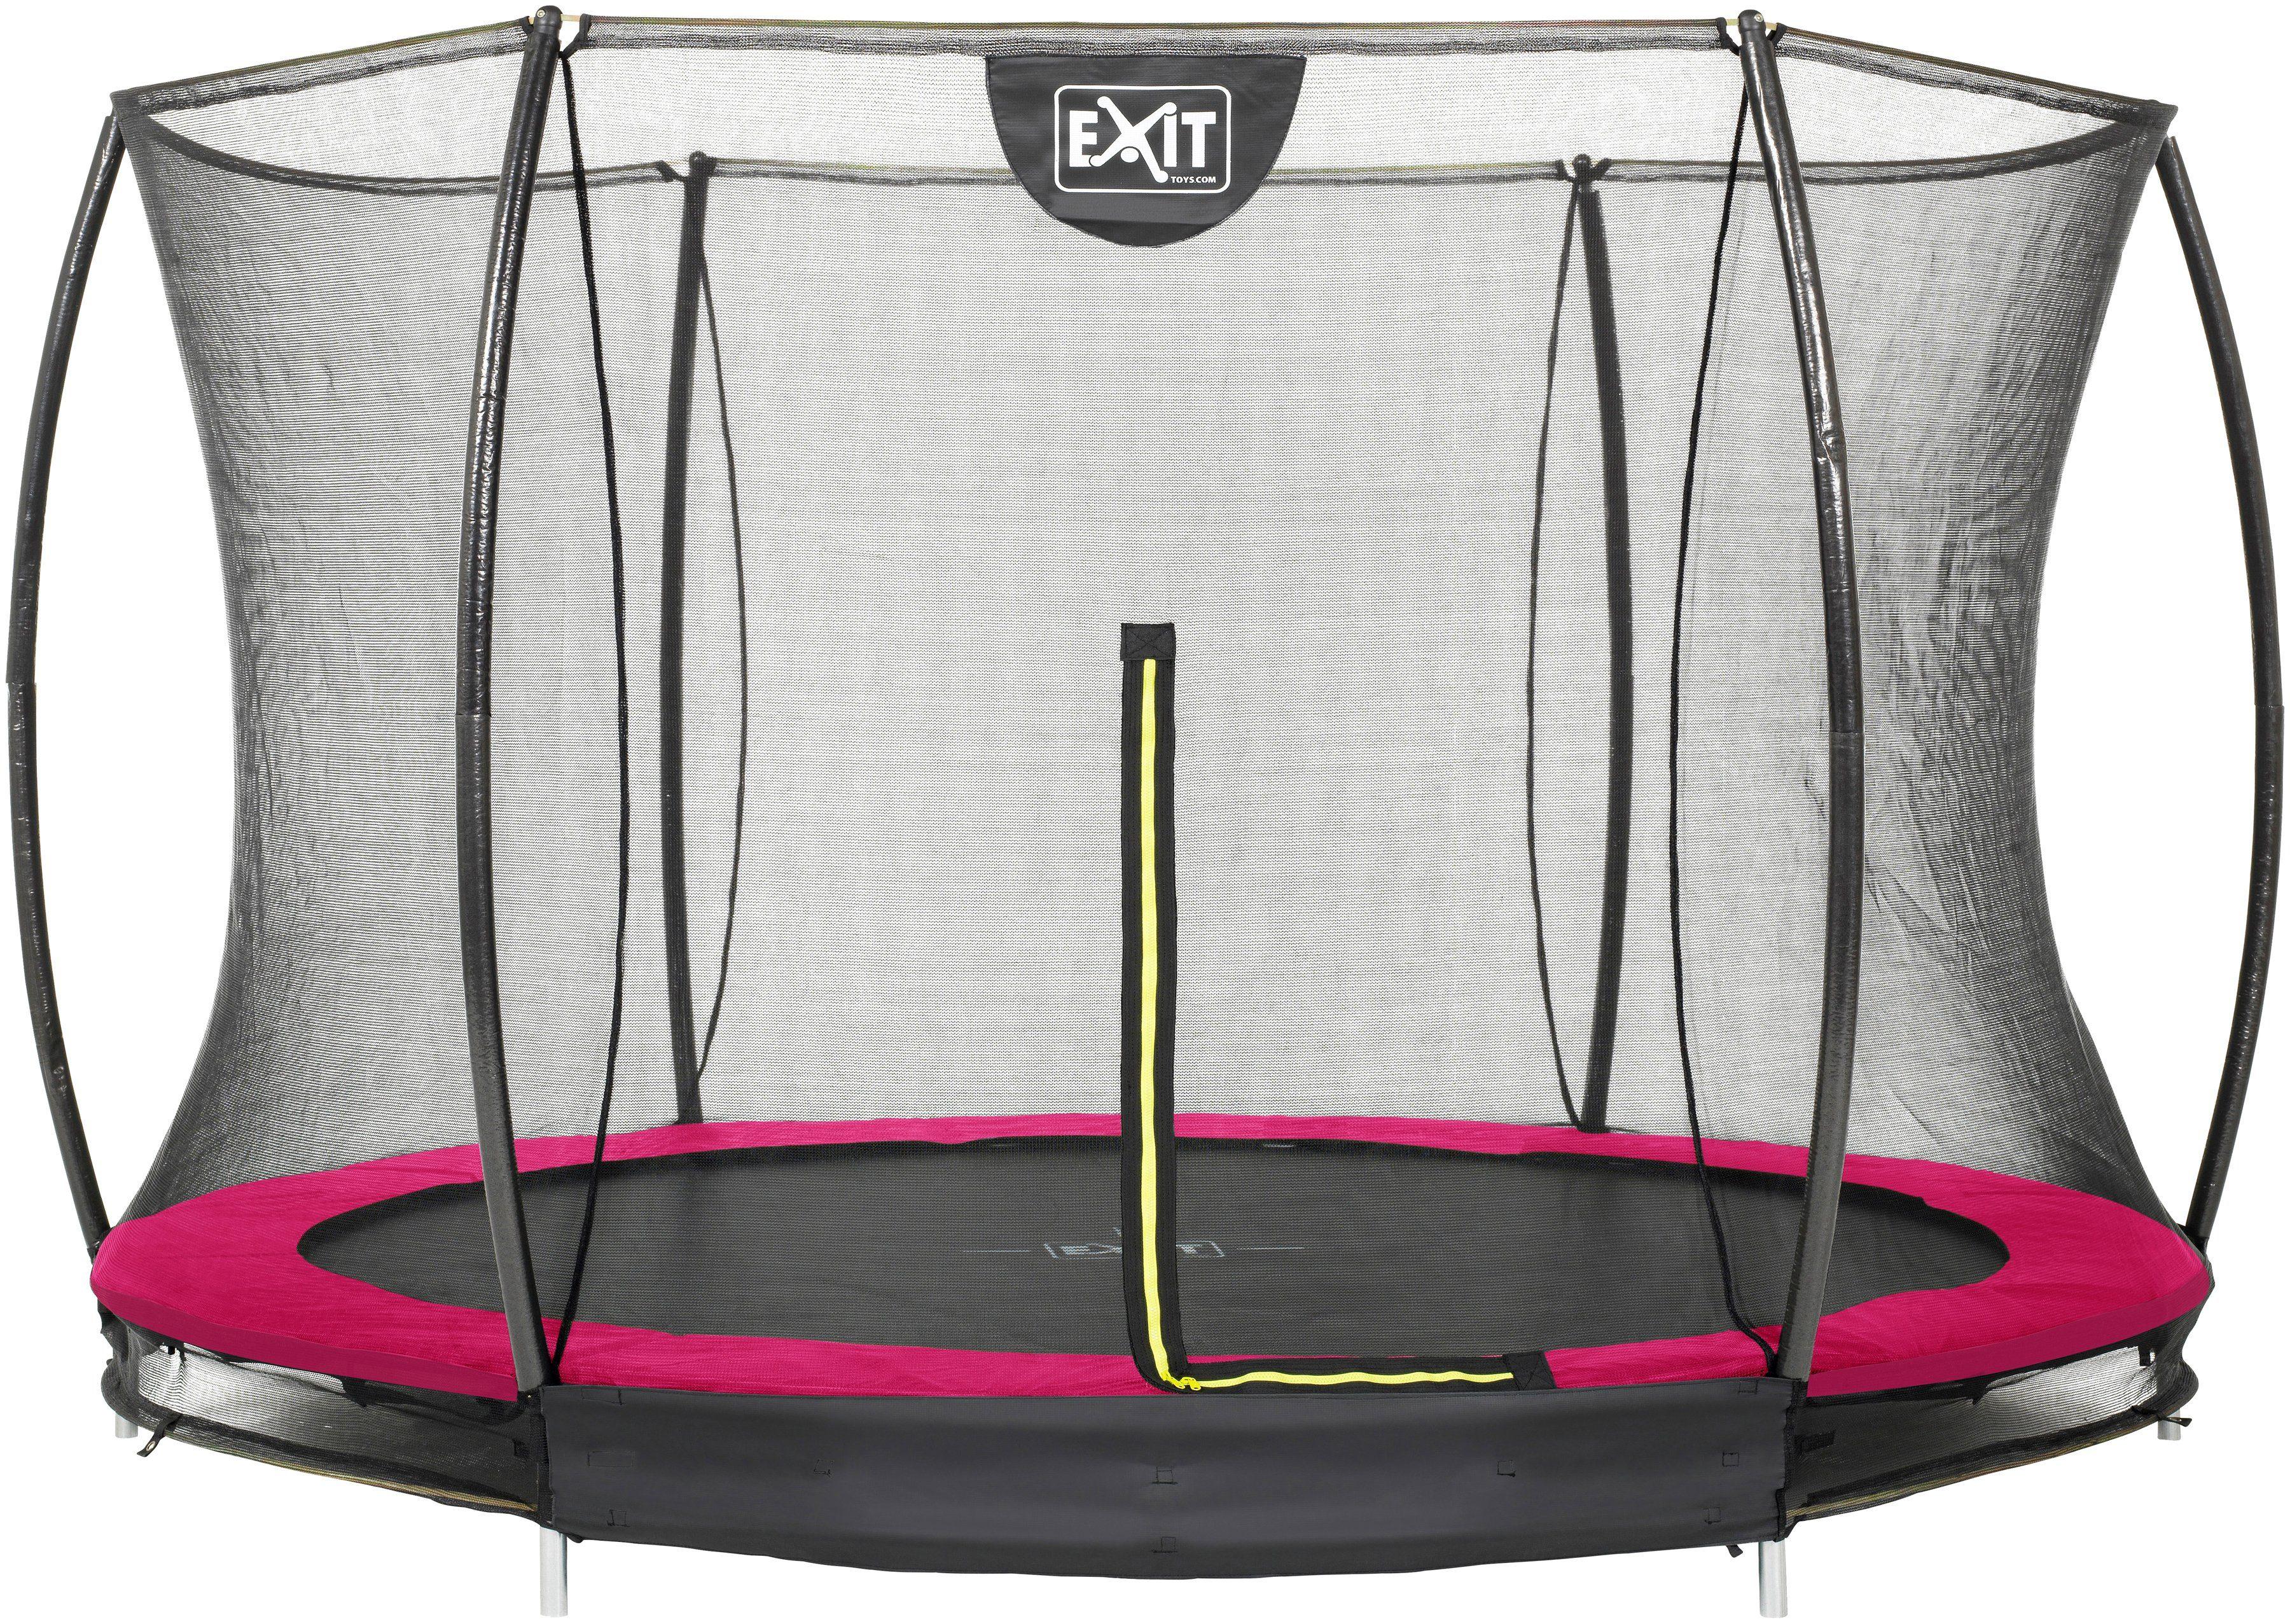 EXIT Trampolin »Silhouette Ground«, Ø 305 cm, mit Sicherheitsnetz rosa